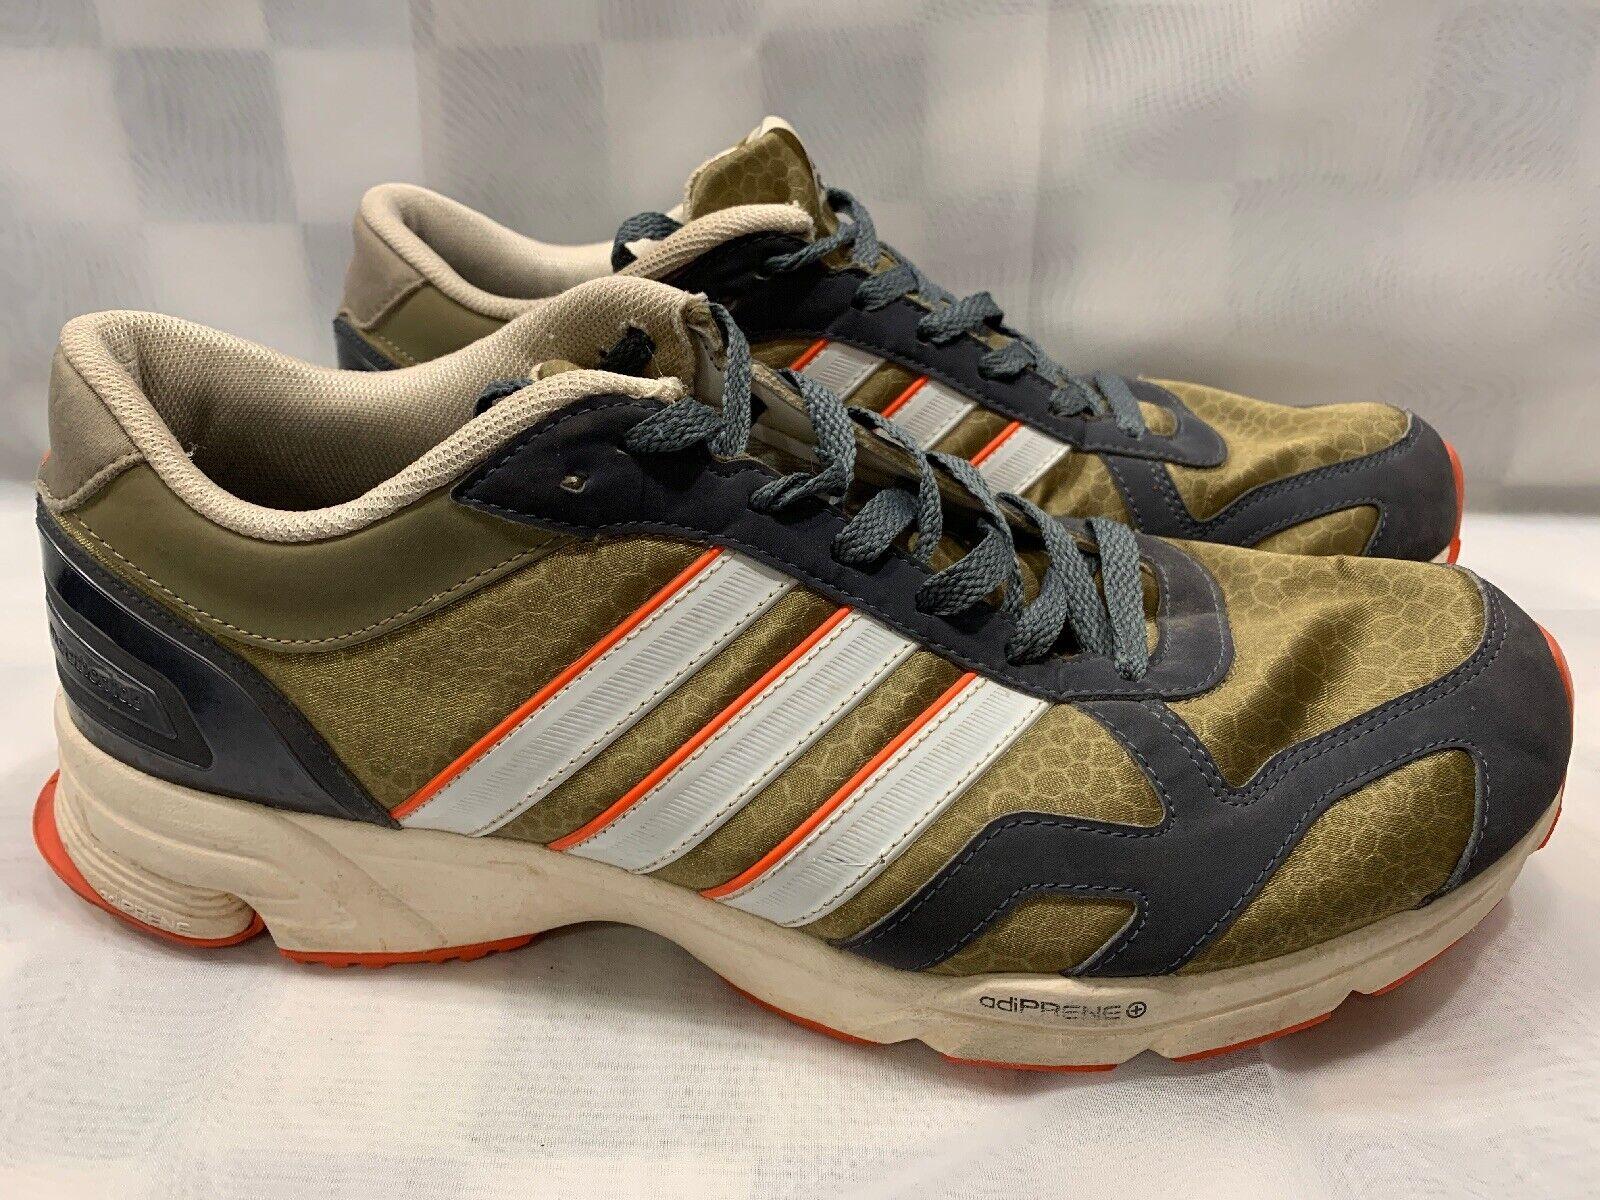 Adidas Marathon 10.5 MG Laufen Herren Schuhgröße 12 (M25850)